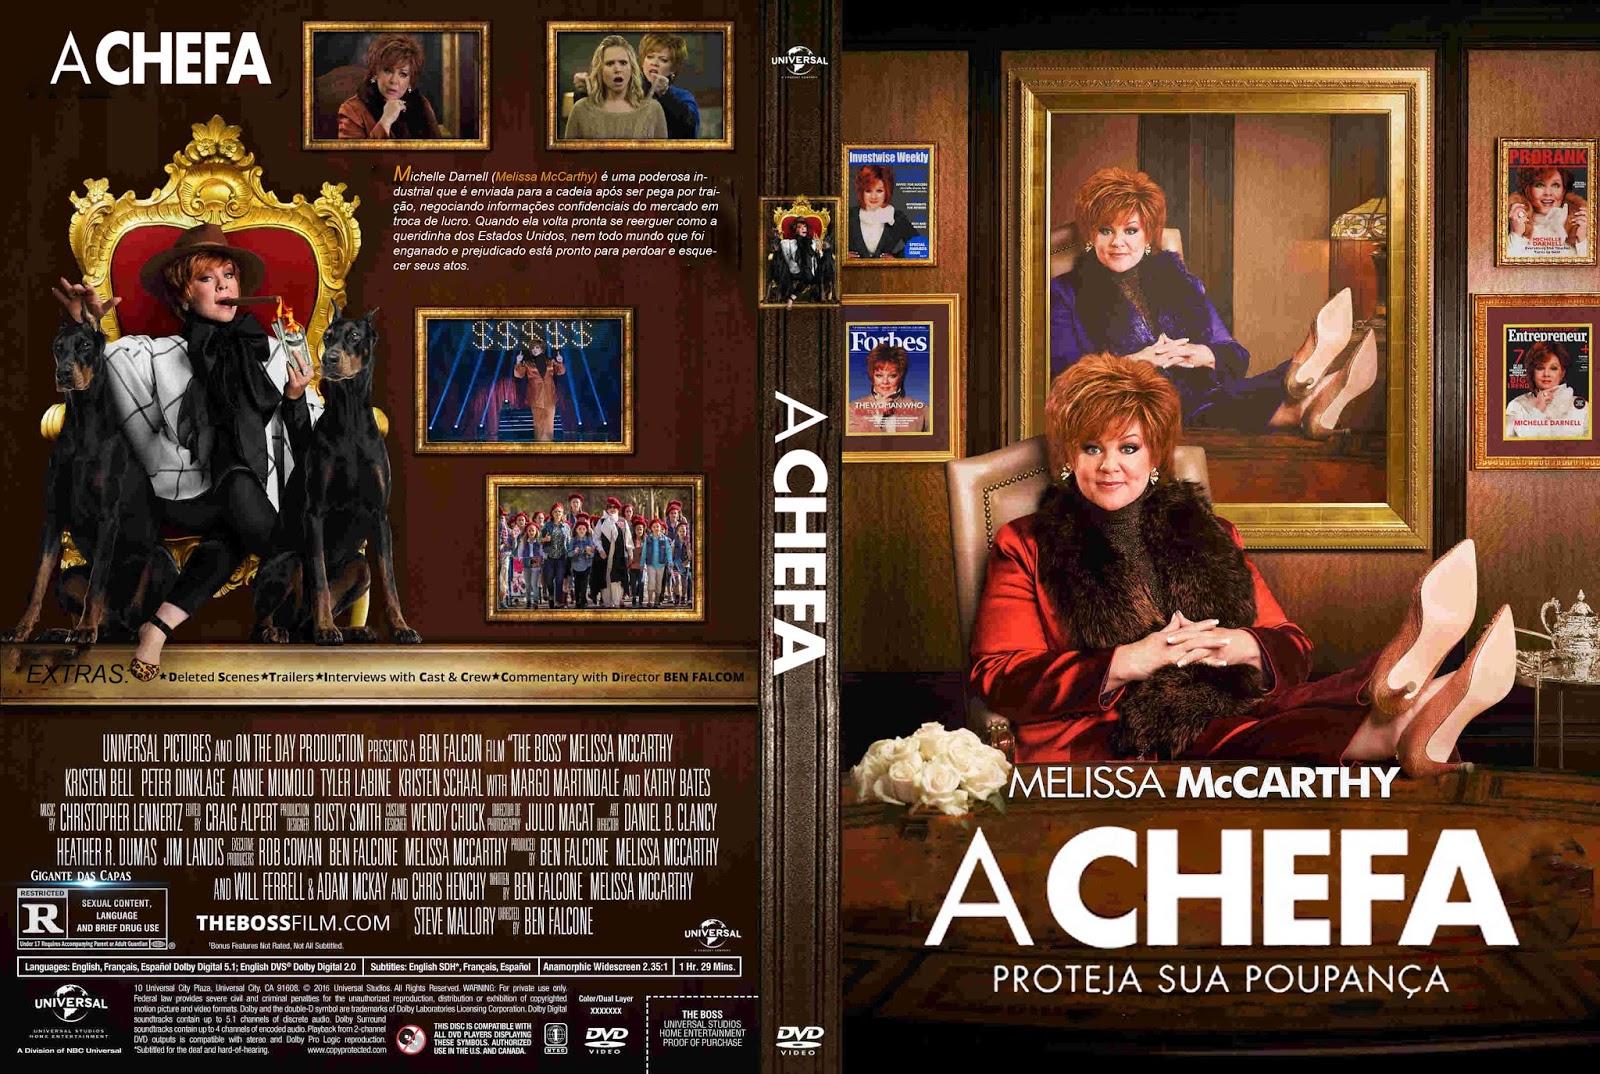 A Chefa DVDRip Dual Áudio A 2BChefa 2B 25282016 2529